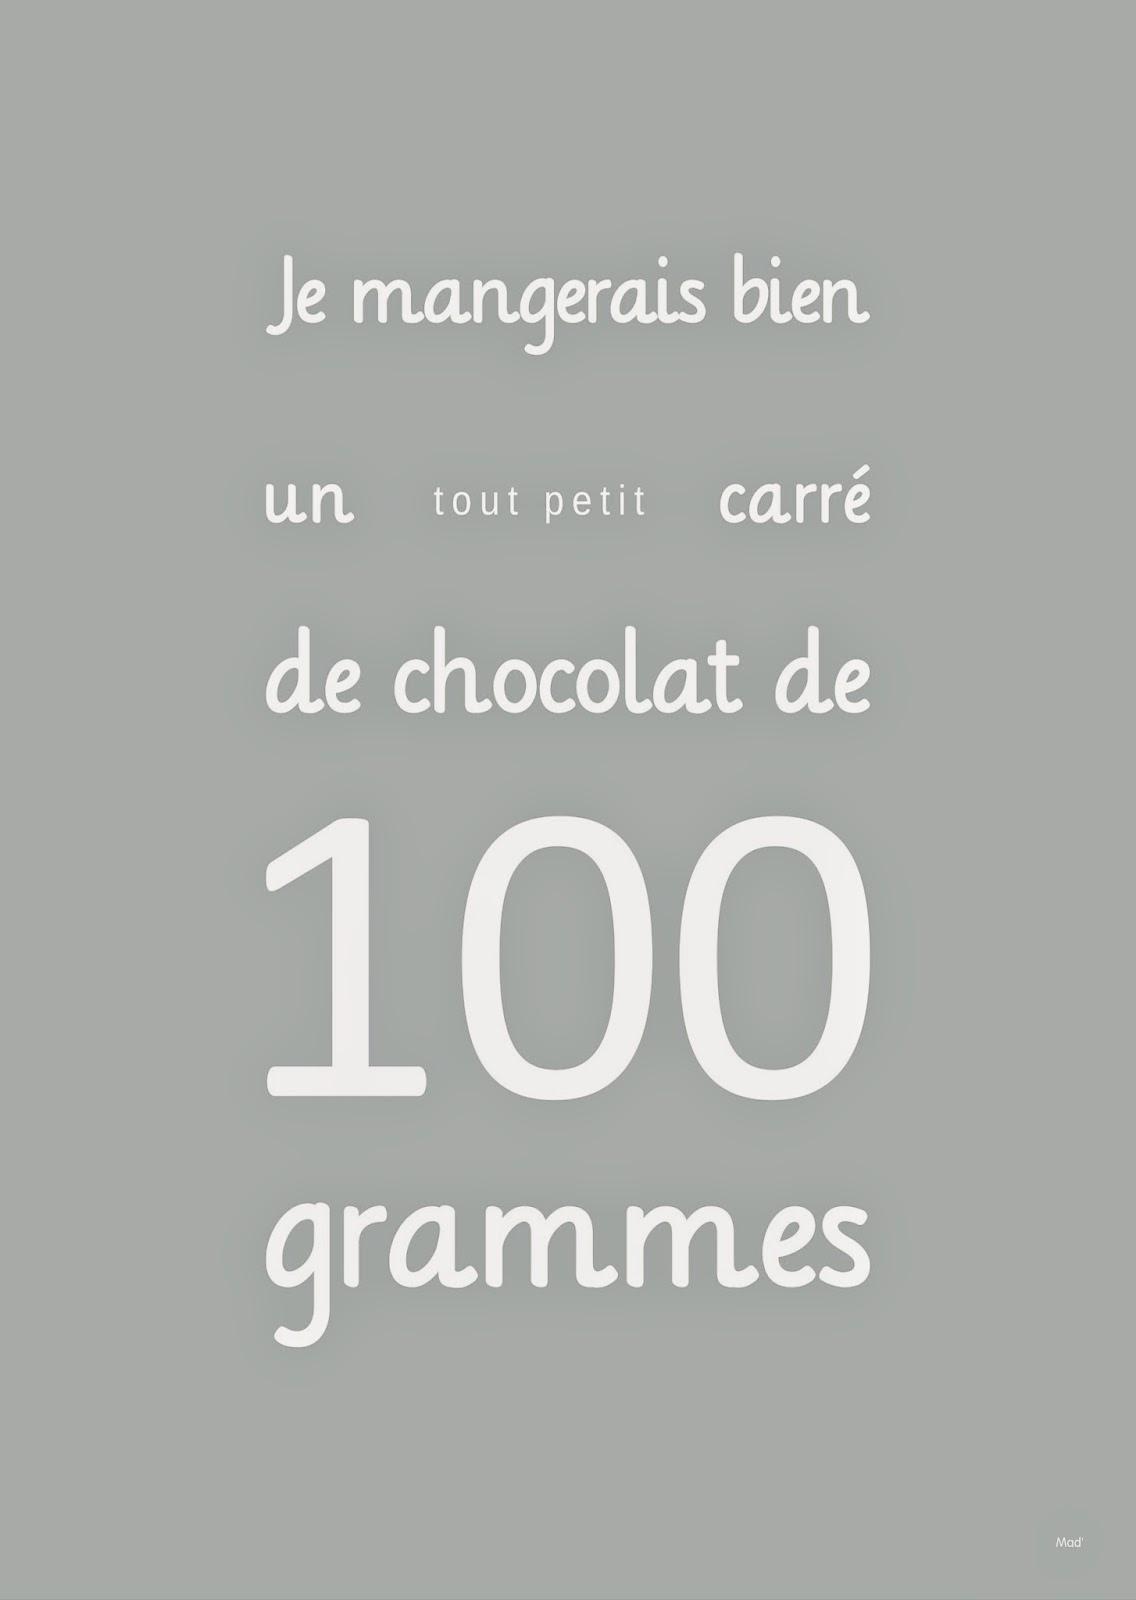 http://www.laptitemadeleine.com/product/affiche-je-mangerais-bien-un-tout-petit-carre-de-chocolat